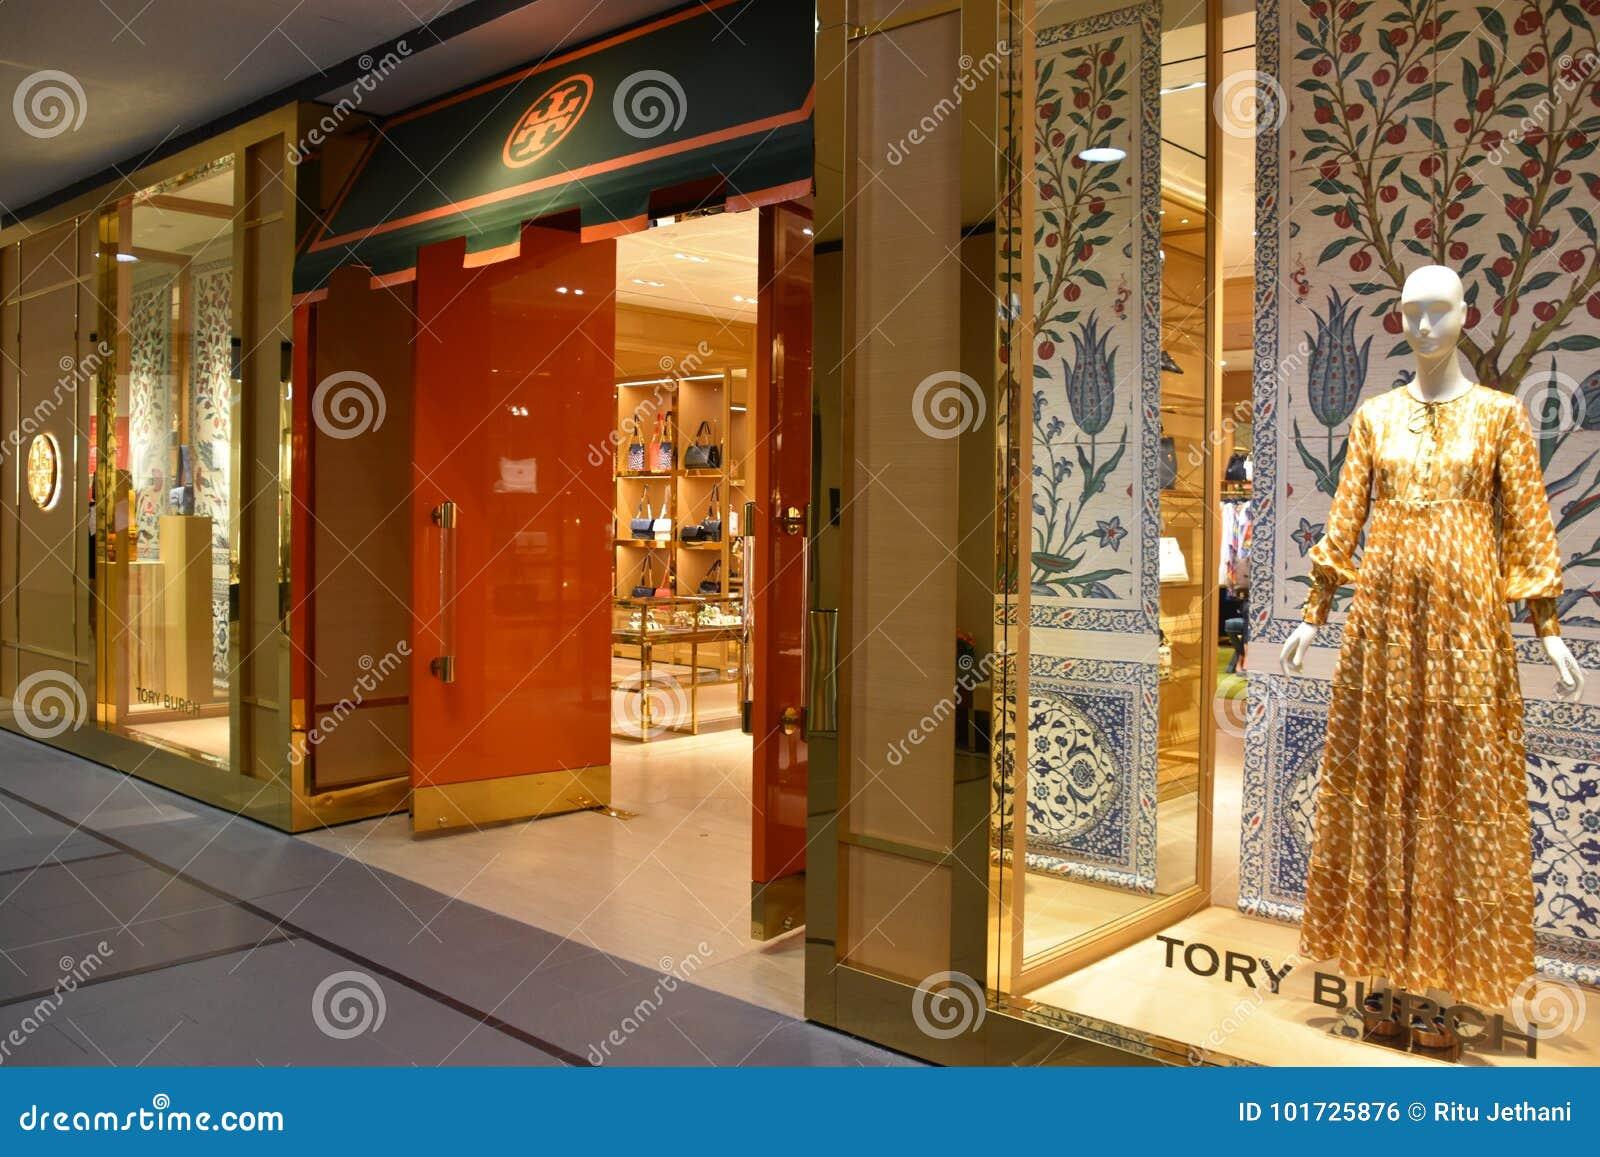 54b74484f89 Tory Burch Store At The Galleria In Edina